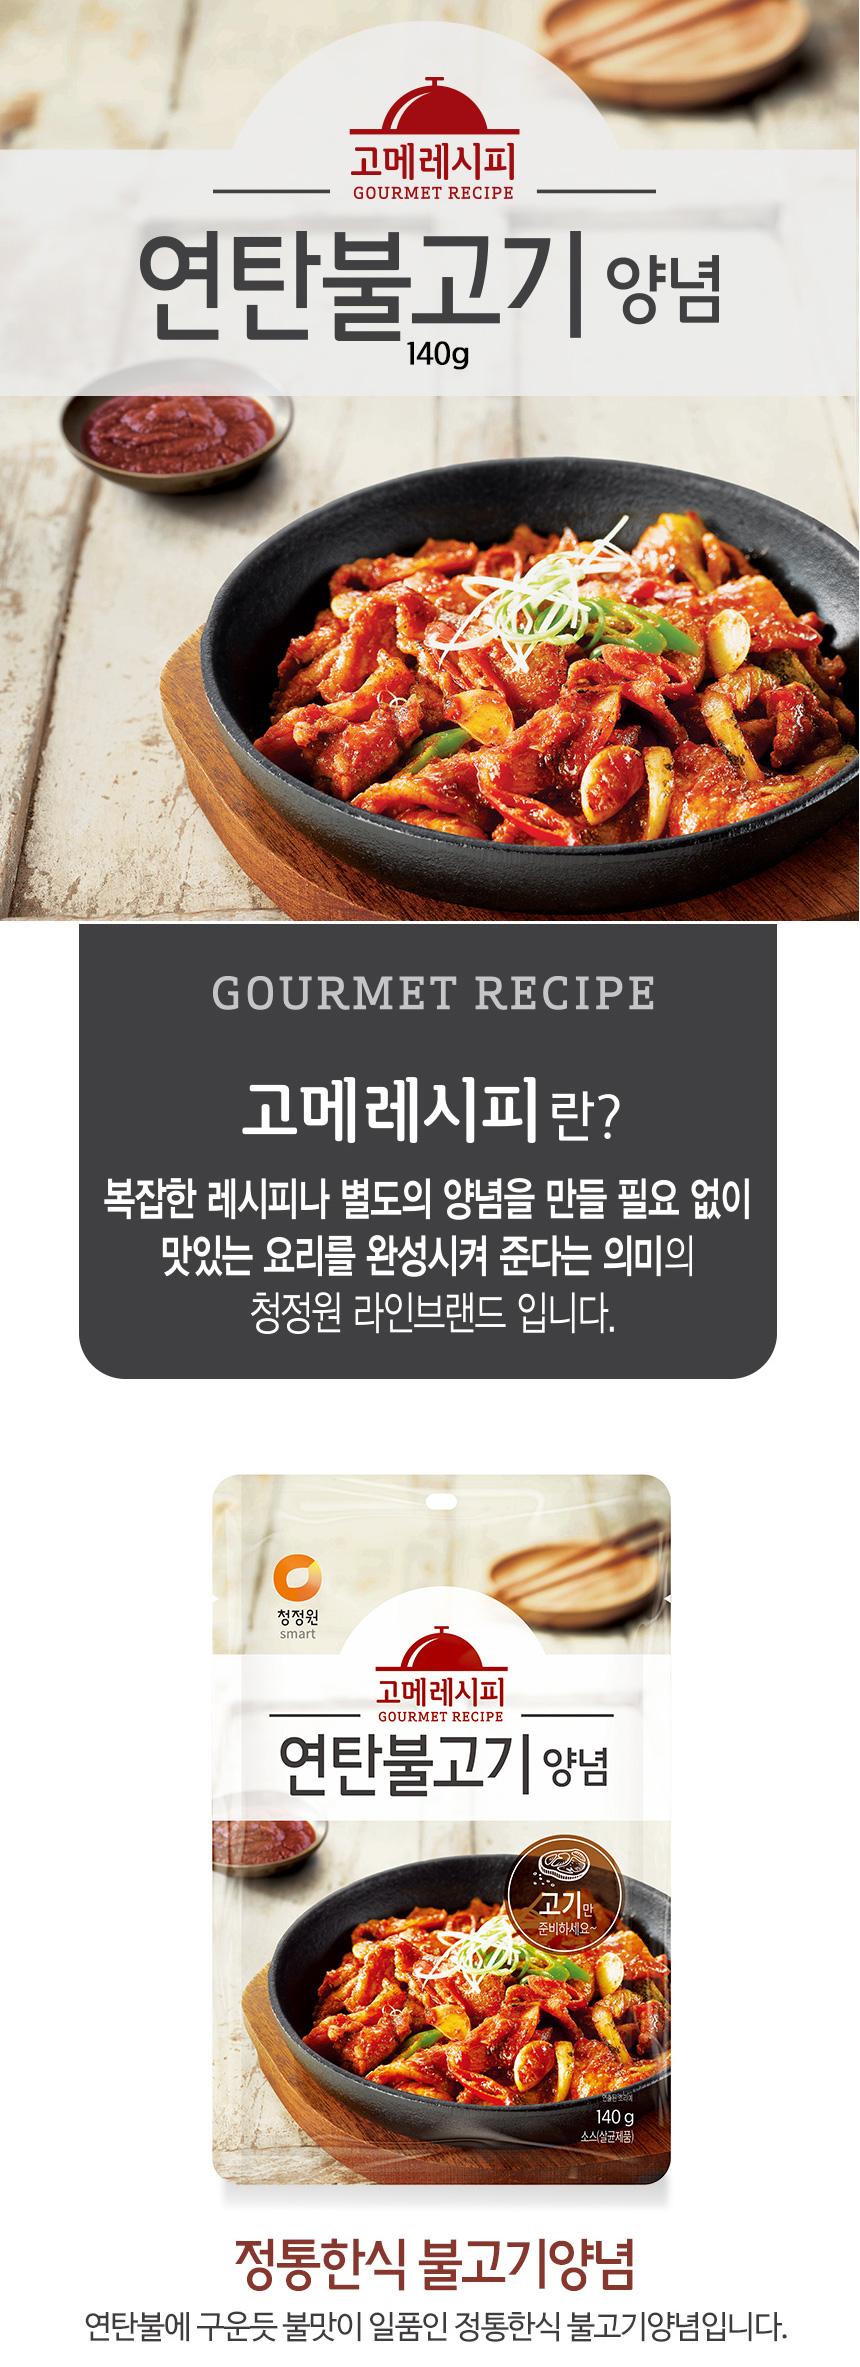 청정원]고메레시피 연탄불고기양념140gx6개 : 롯데ON